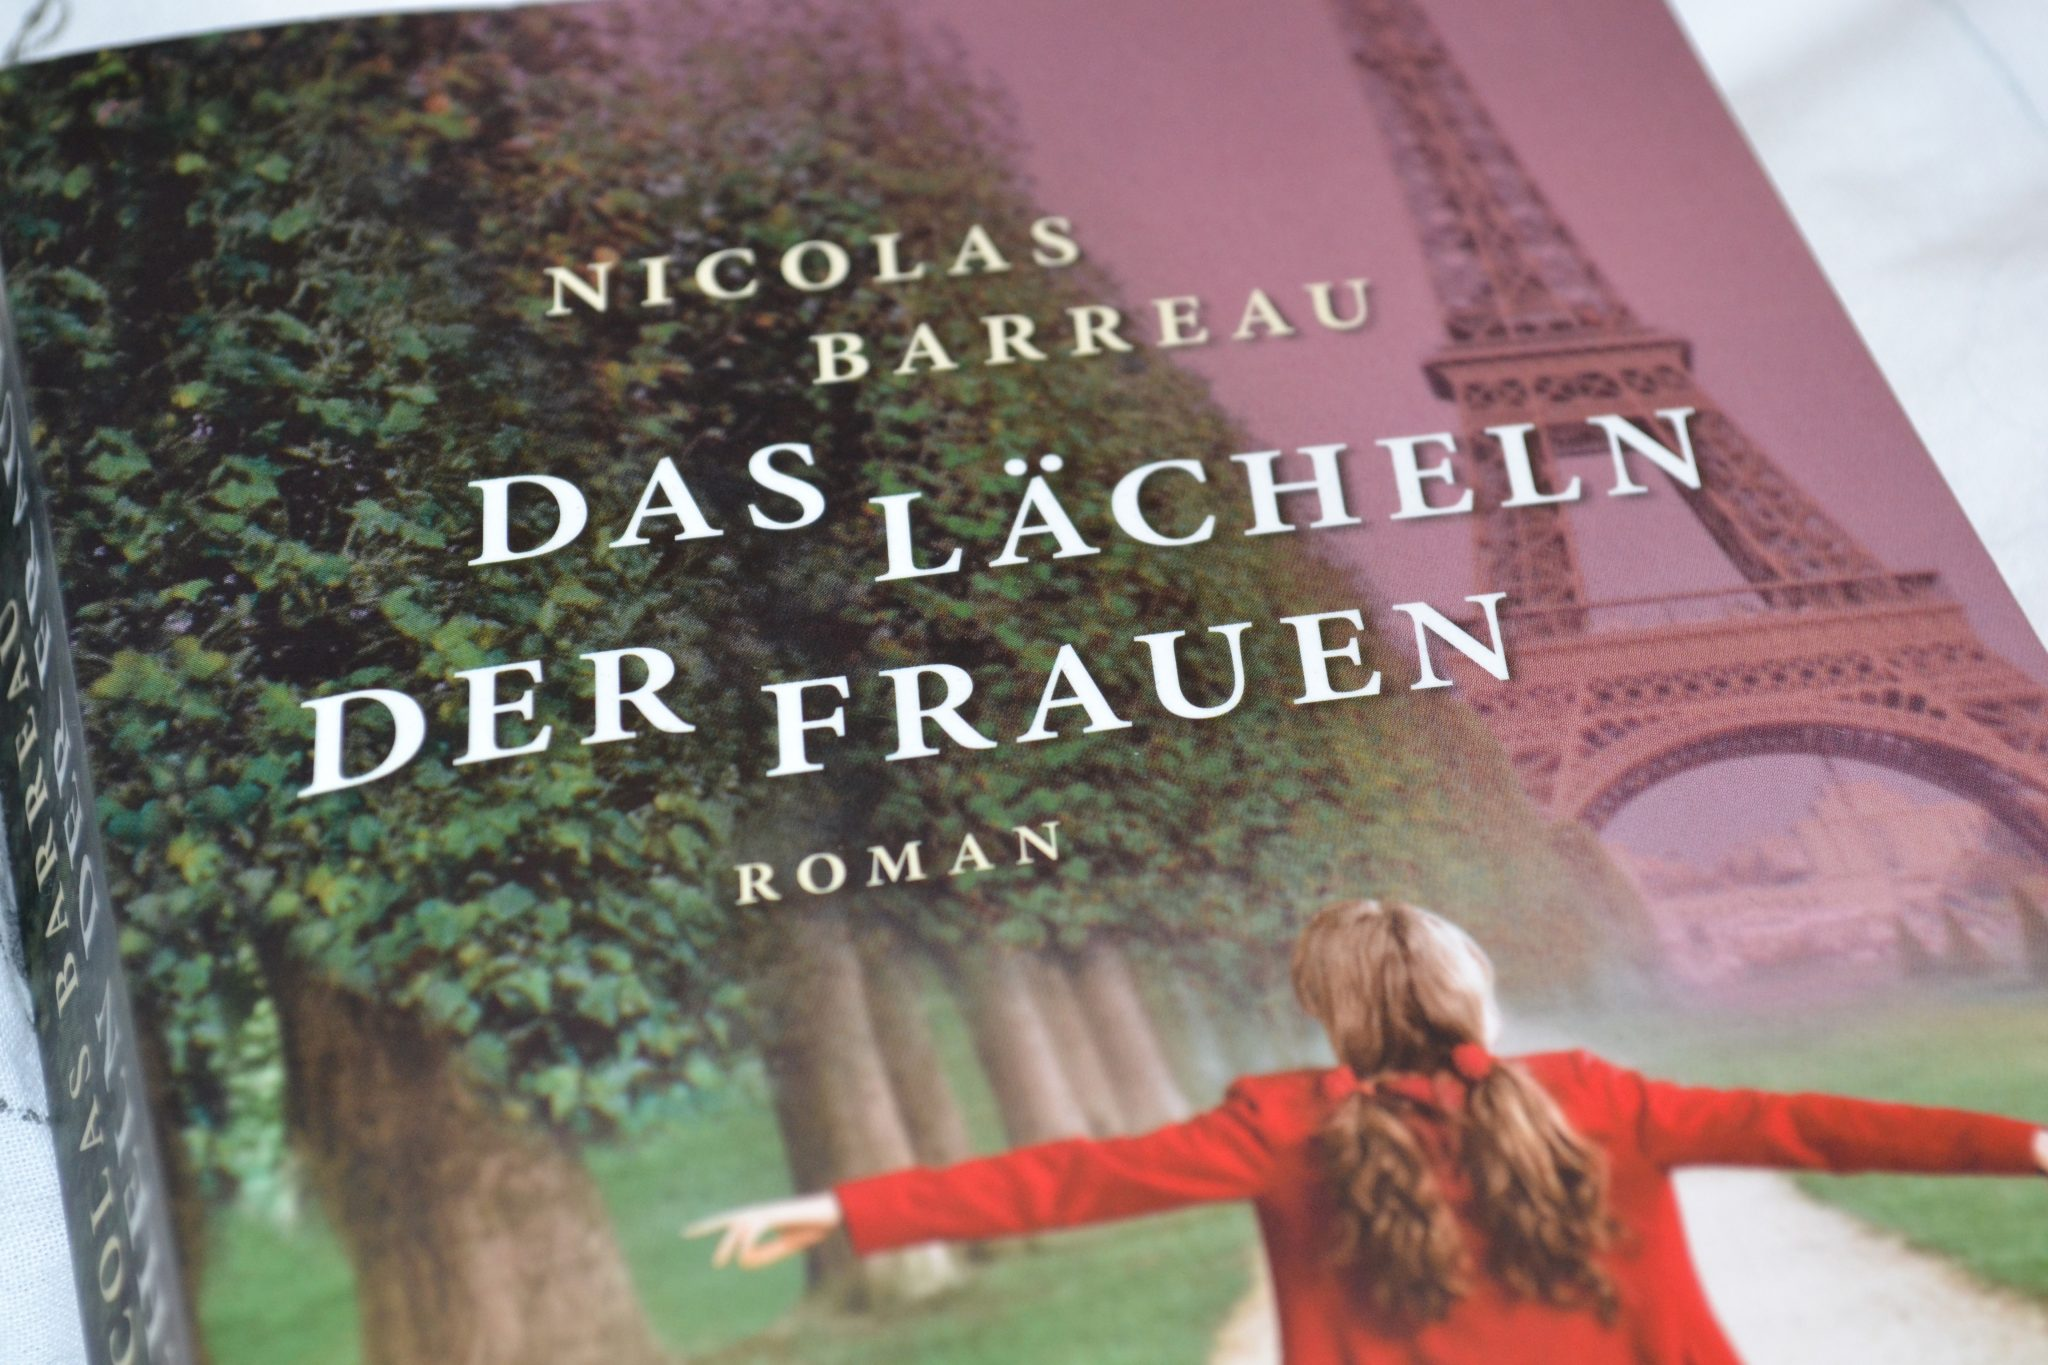 Books: Das Lächeln der Frauen | Nicolas Barreau